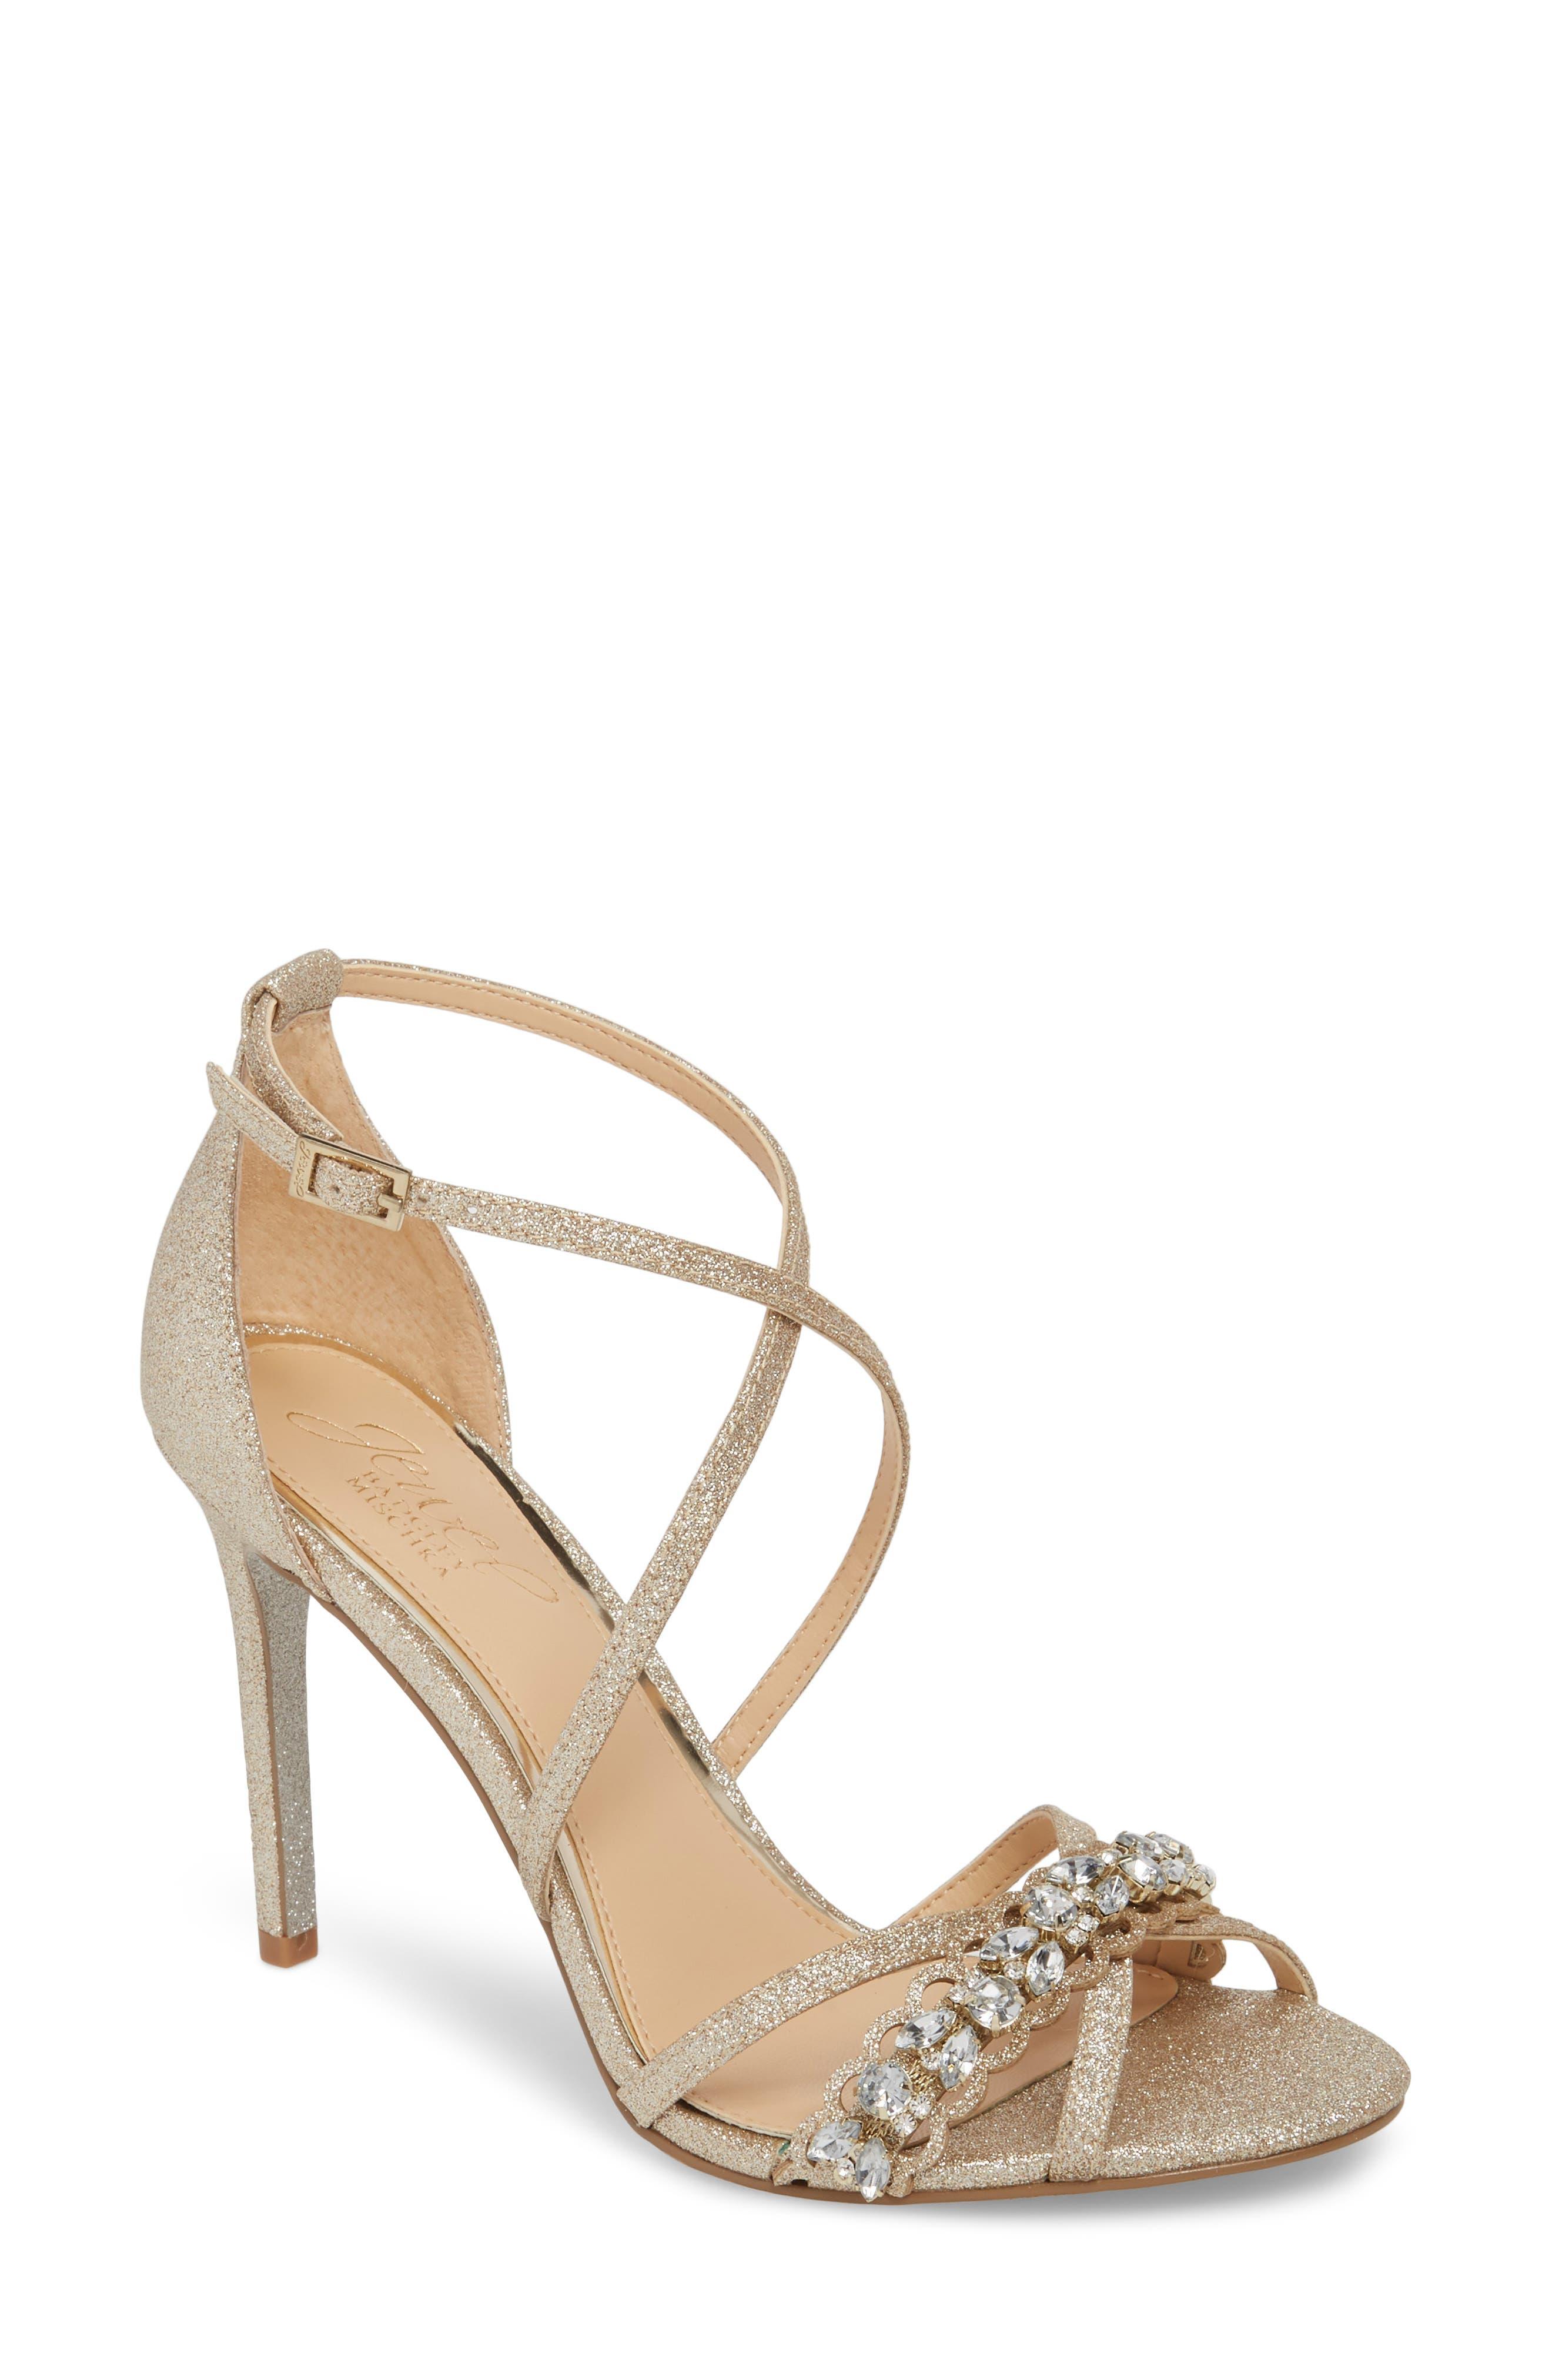 Jewel Badgley Mischka Gisele Sandal